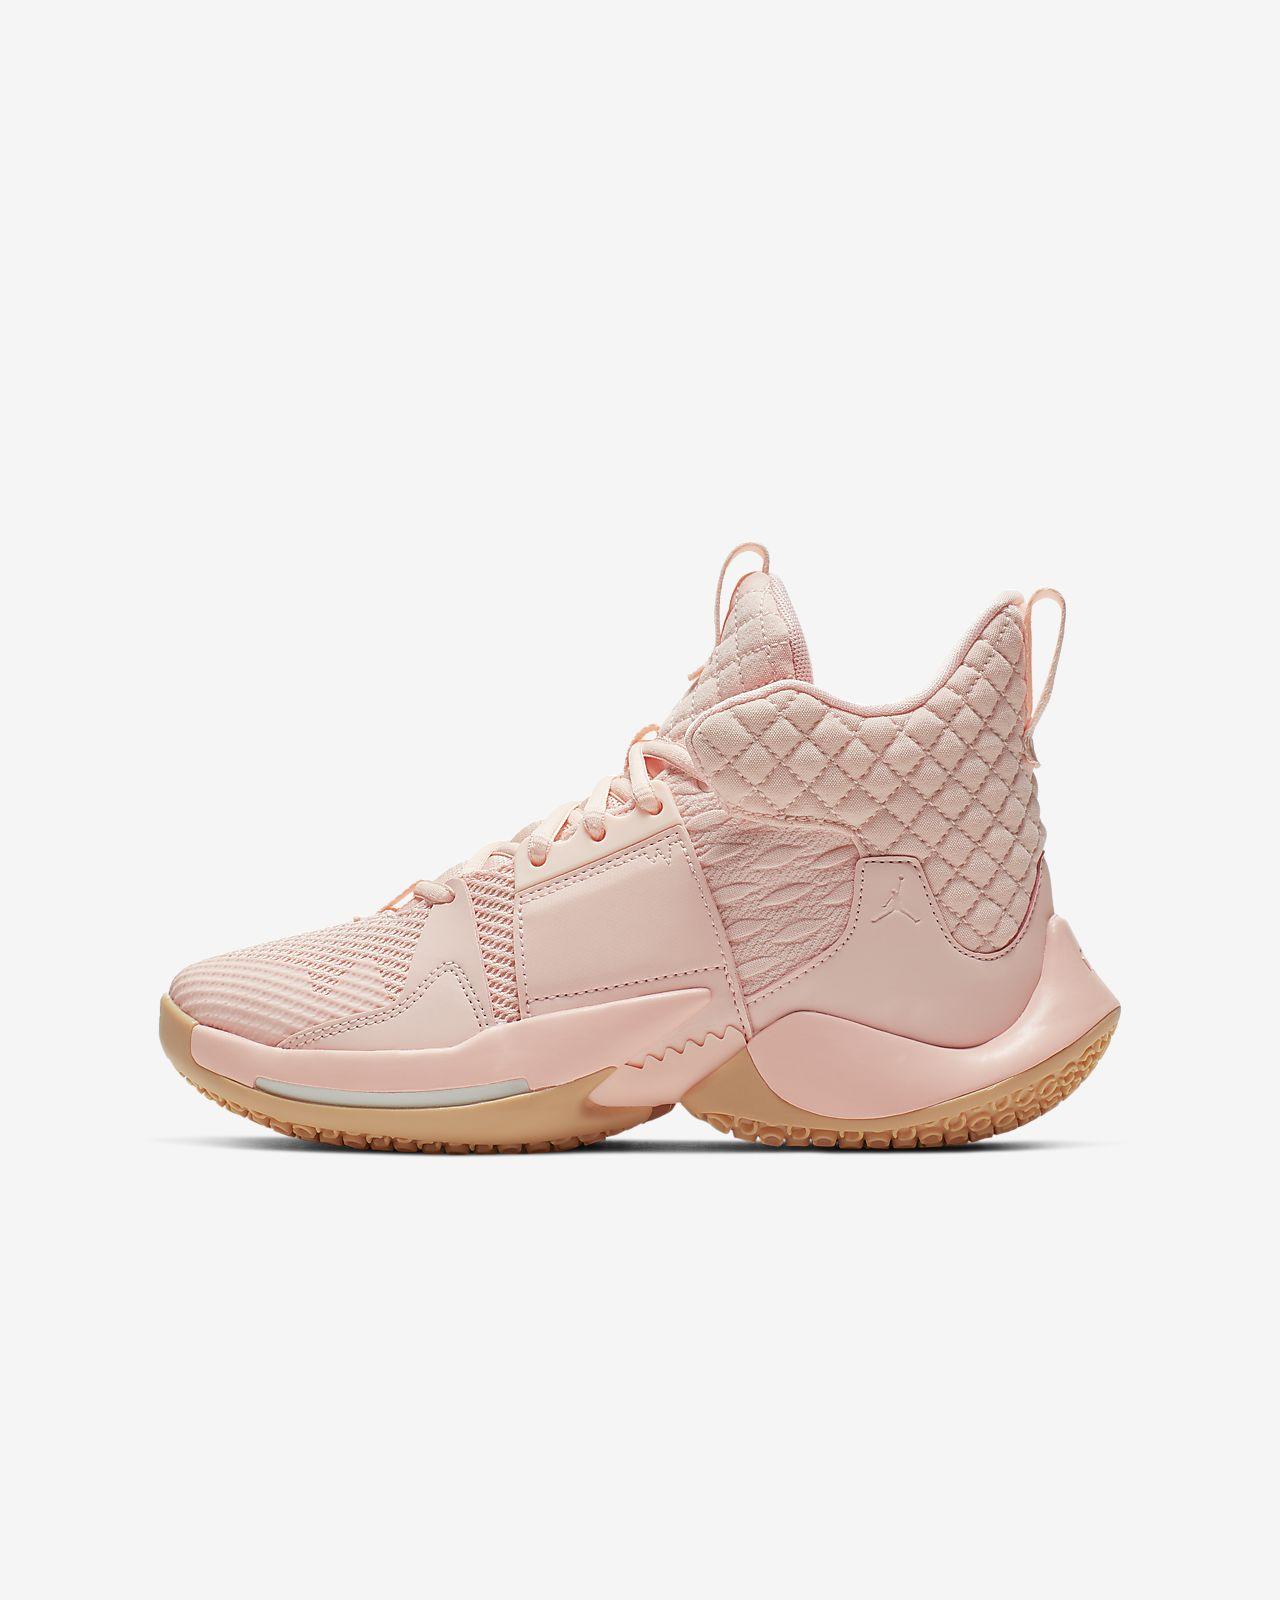 Chaussure de basketball Jordan « Why Not? » Zer0.2 pour Enfant plus âgé